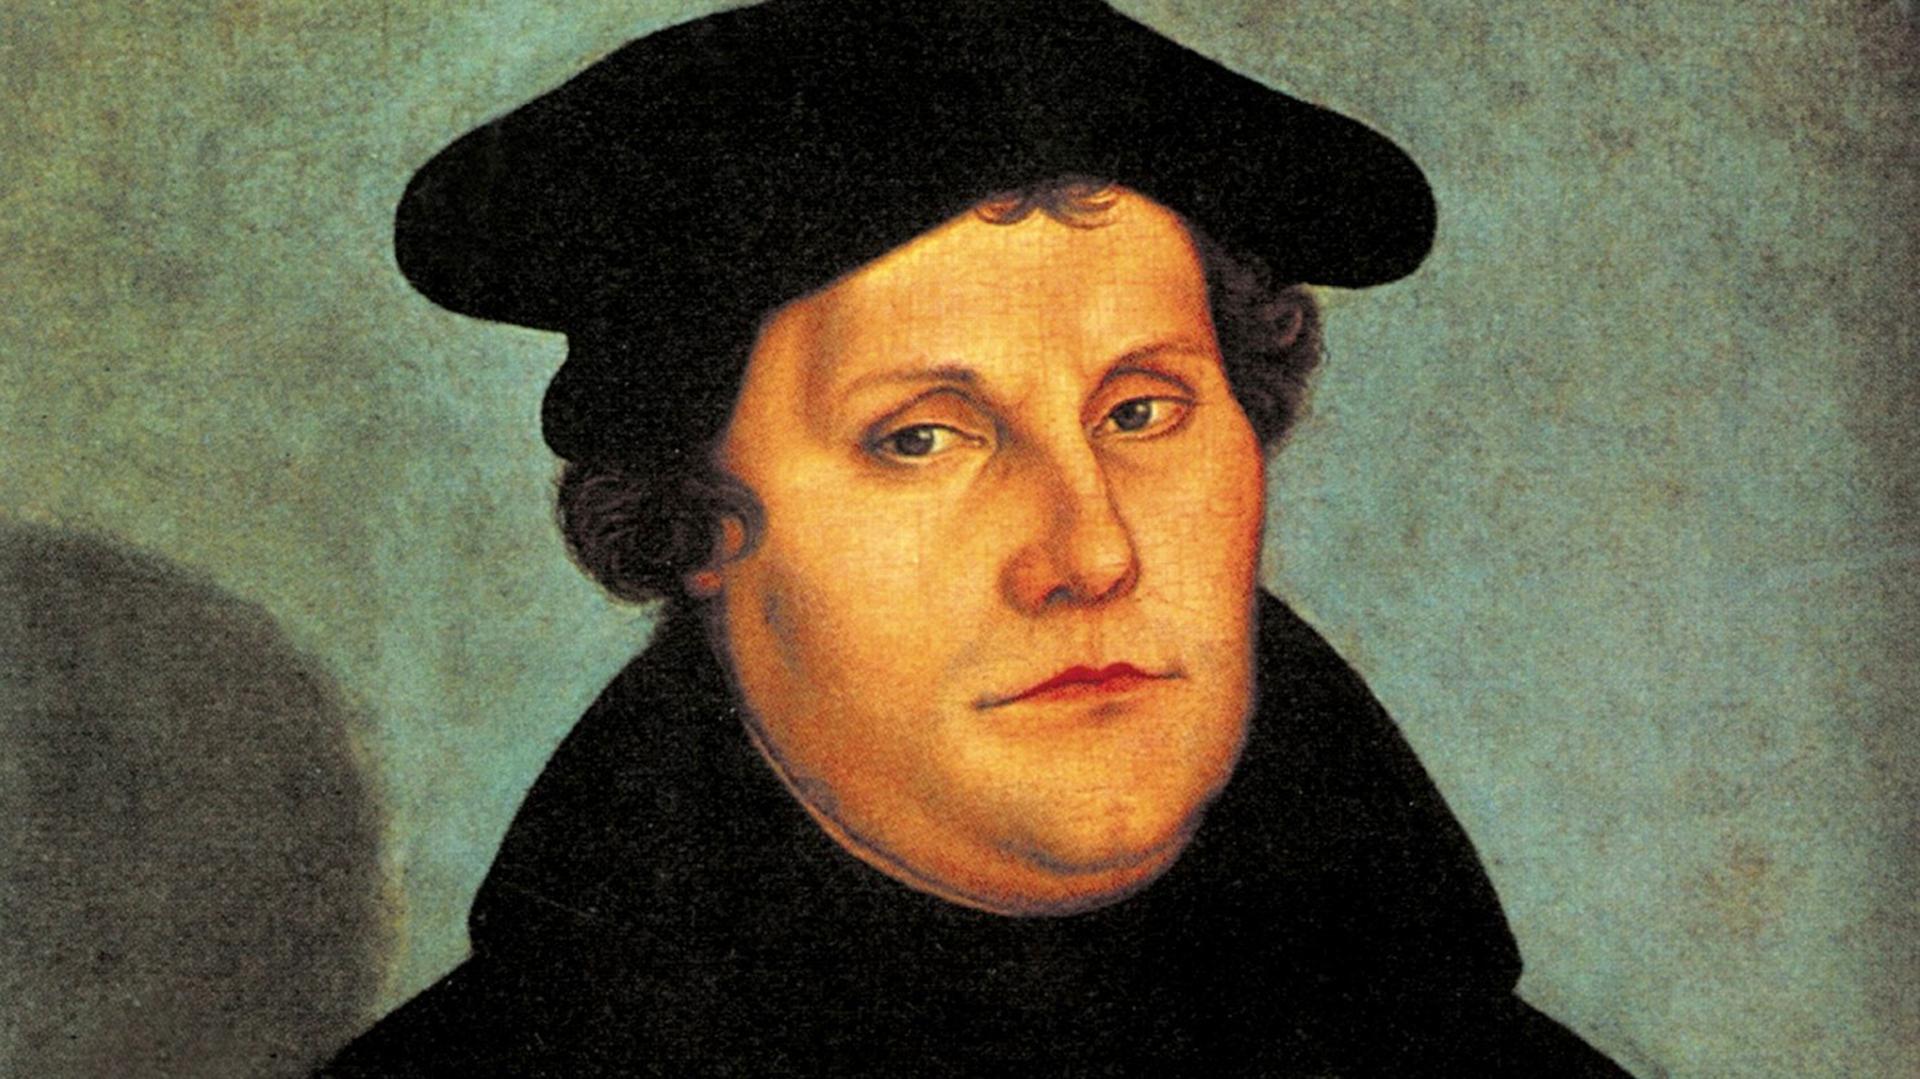 En 2017 se conmemora el 500 aniversario de la Reforma de Lutero